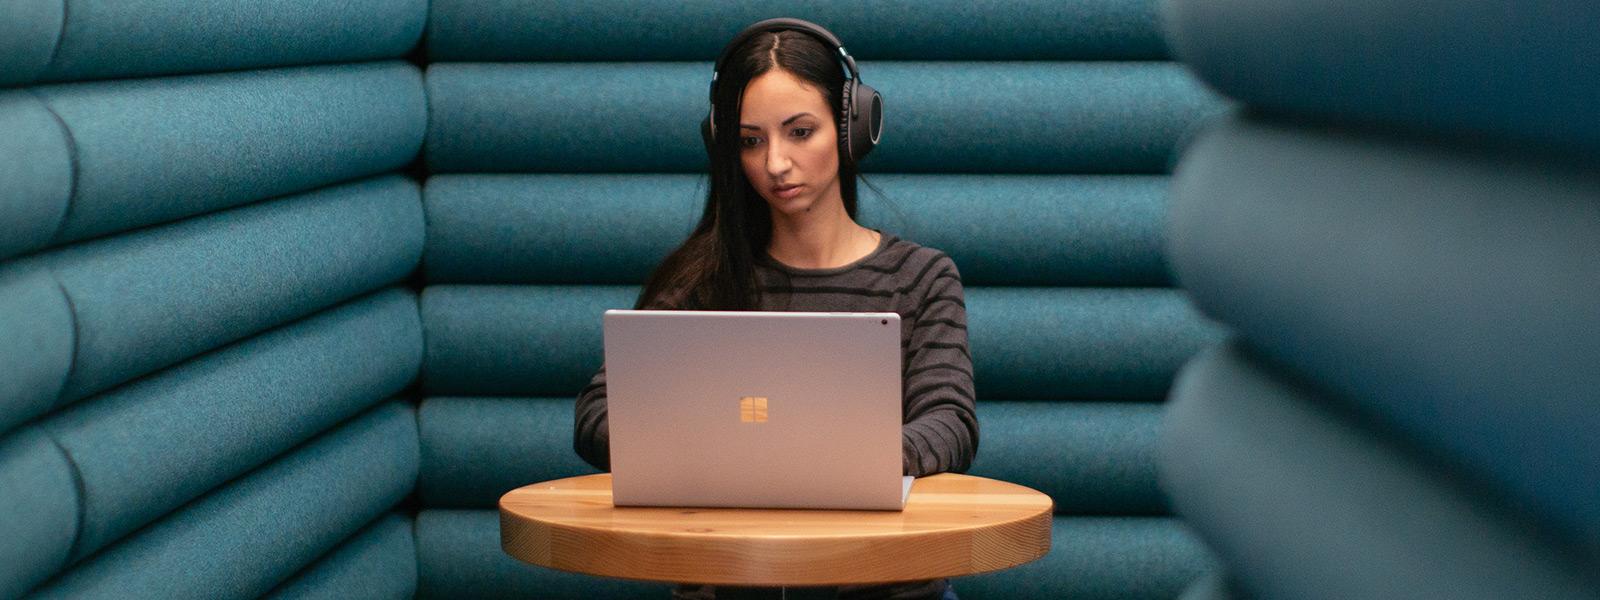 Γυναίκα κάθεται ήσυχα απομονωμένη φορώντας ακουστικά ενώ εργάζεται σε υπολογιστή Windows 10.